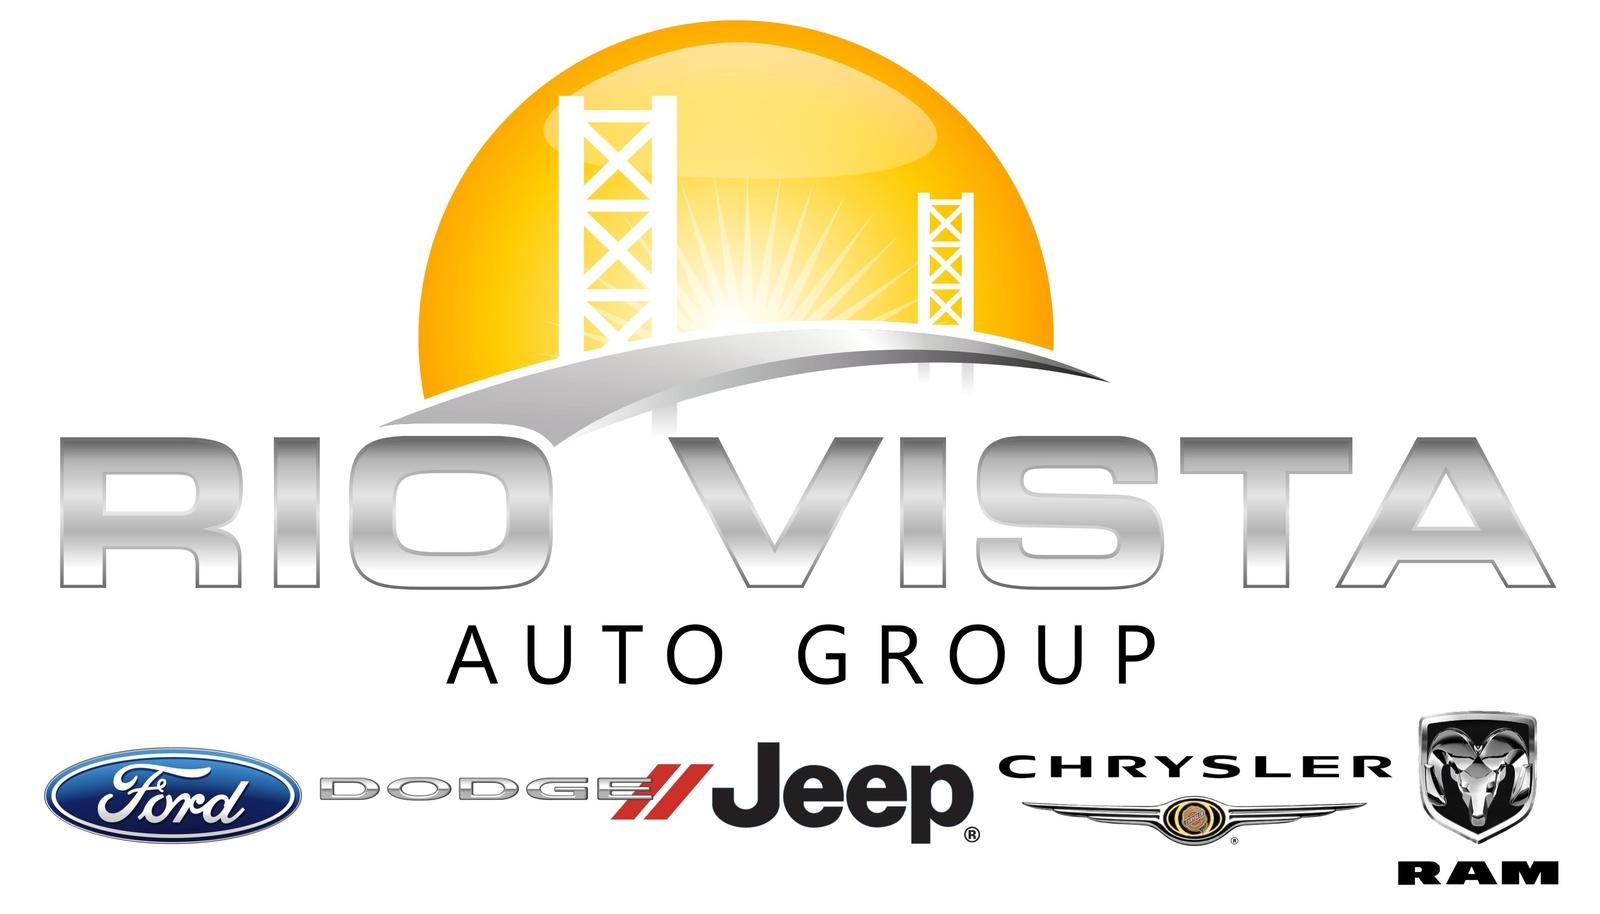 Cars For Sale In Rio Vista Ca